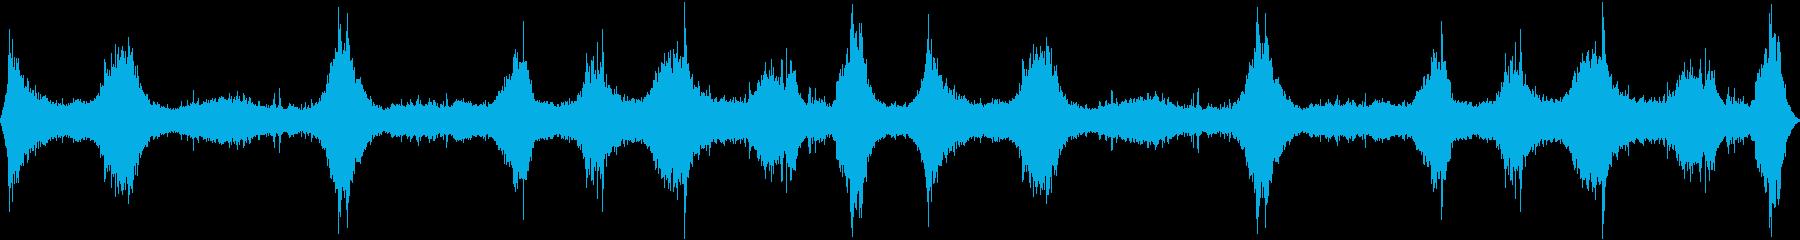 ミディアムオーシャンウェーブスアン...の再生済みの波形